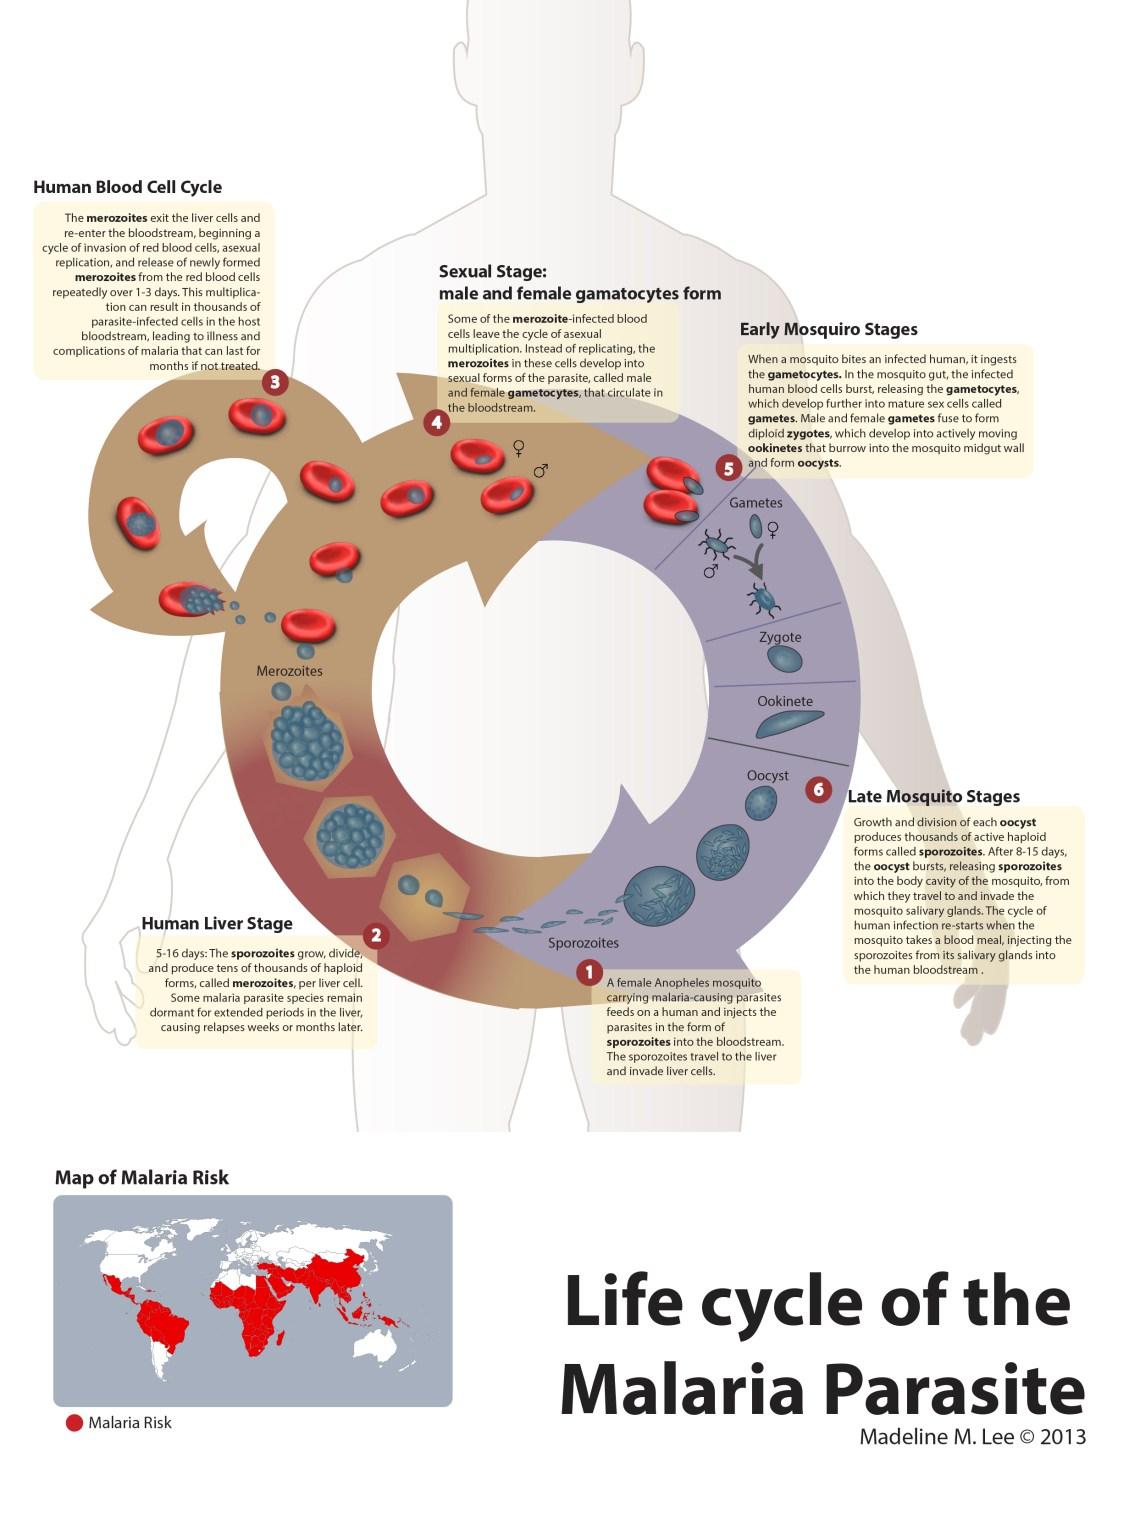 Life Cycle of Malaria